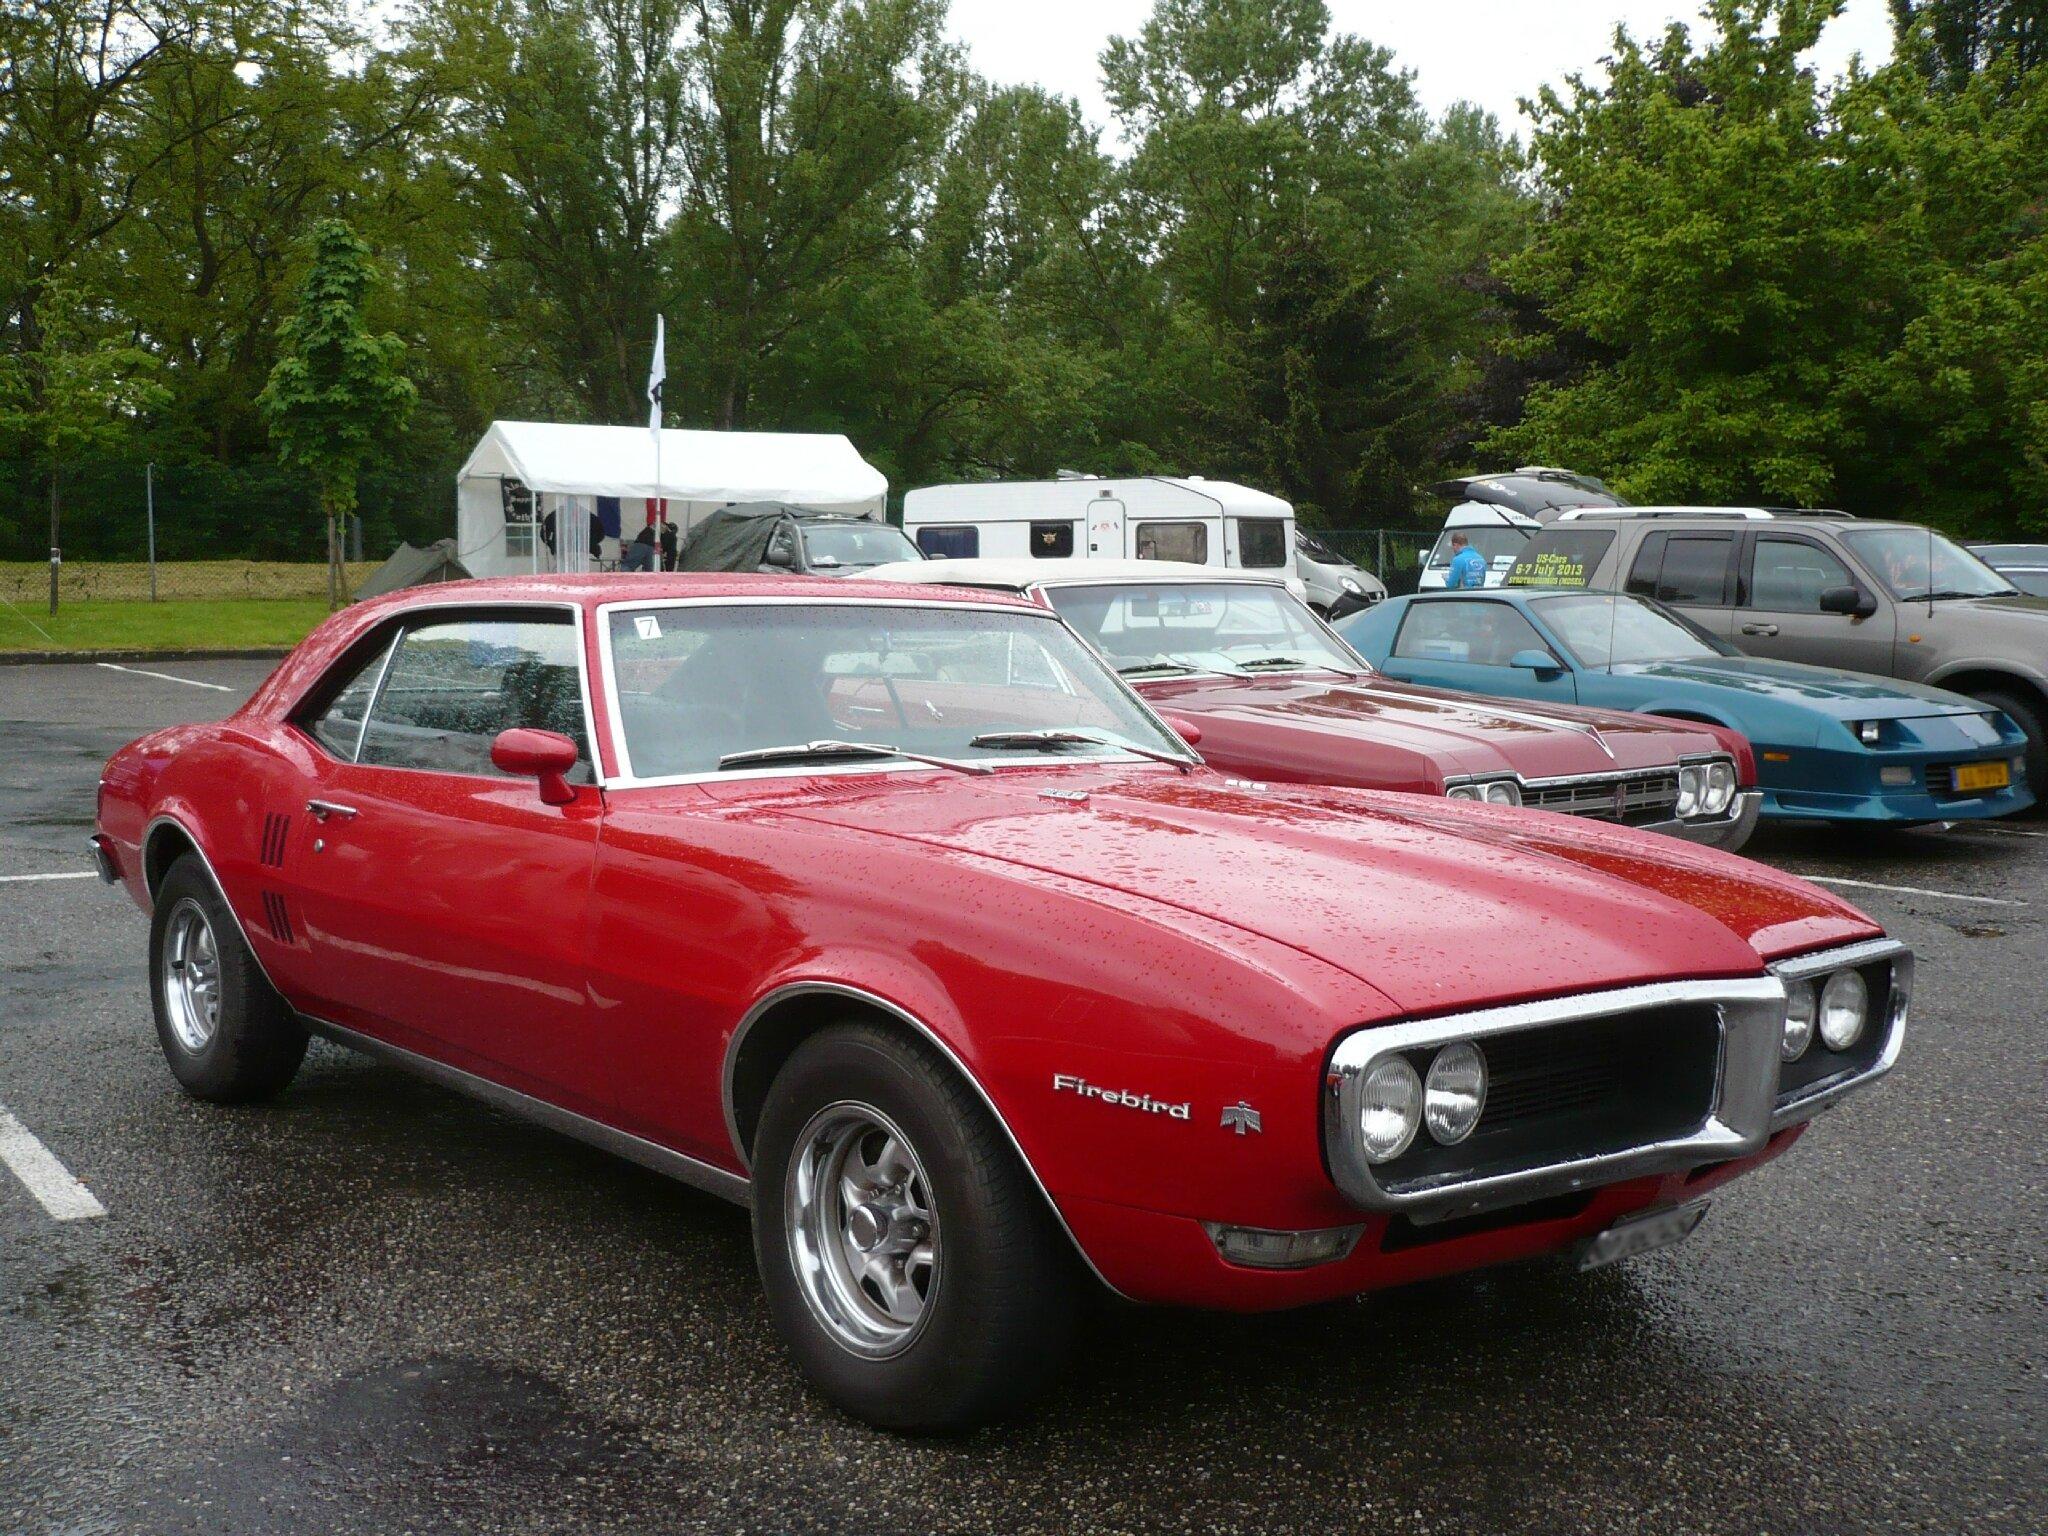 pontiac firebird 350 2door coup 1968 illzach 1 photo de 091 33e fun car show d 39 illzach le. Black Bedroom Furniture Sets. Home Design Ideas